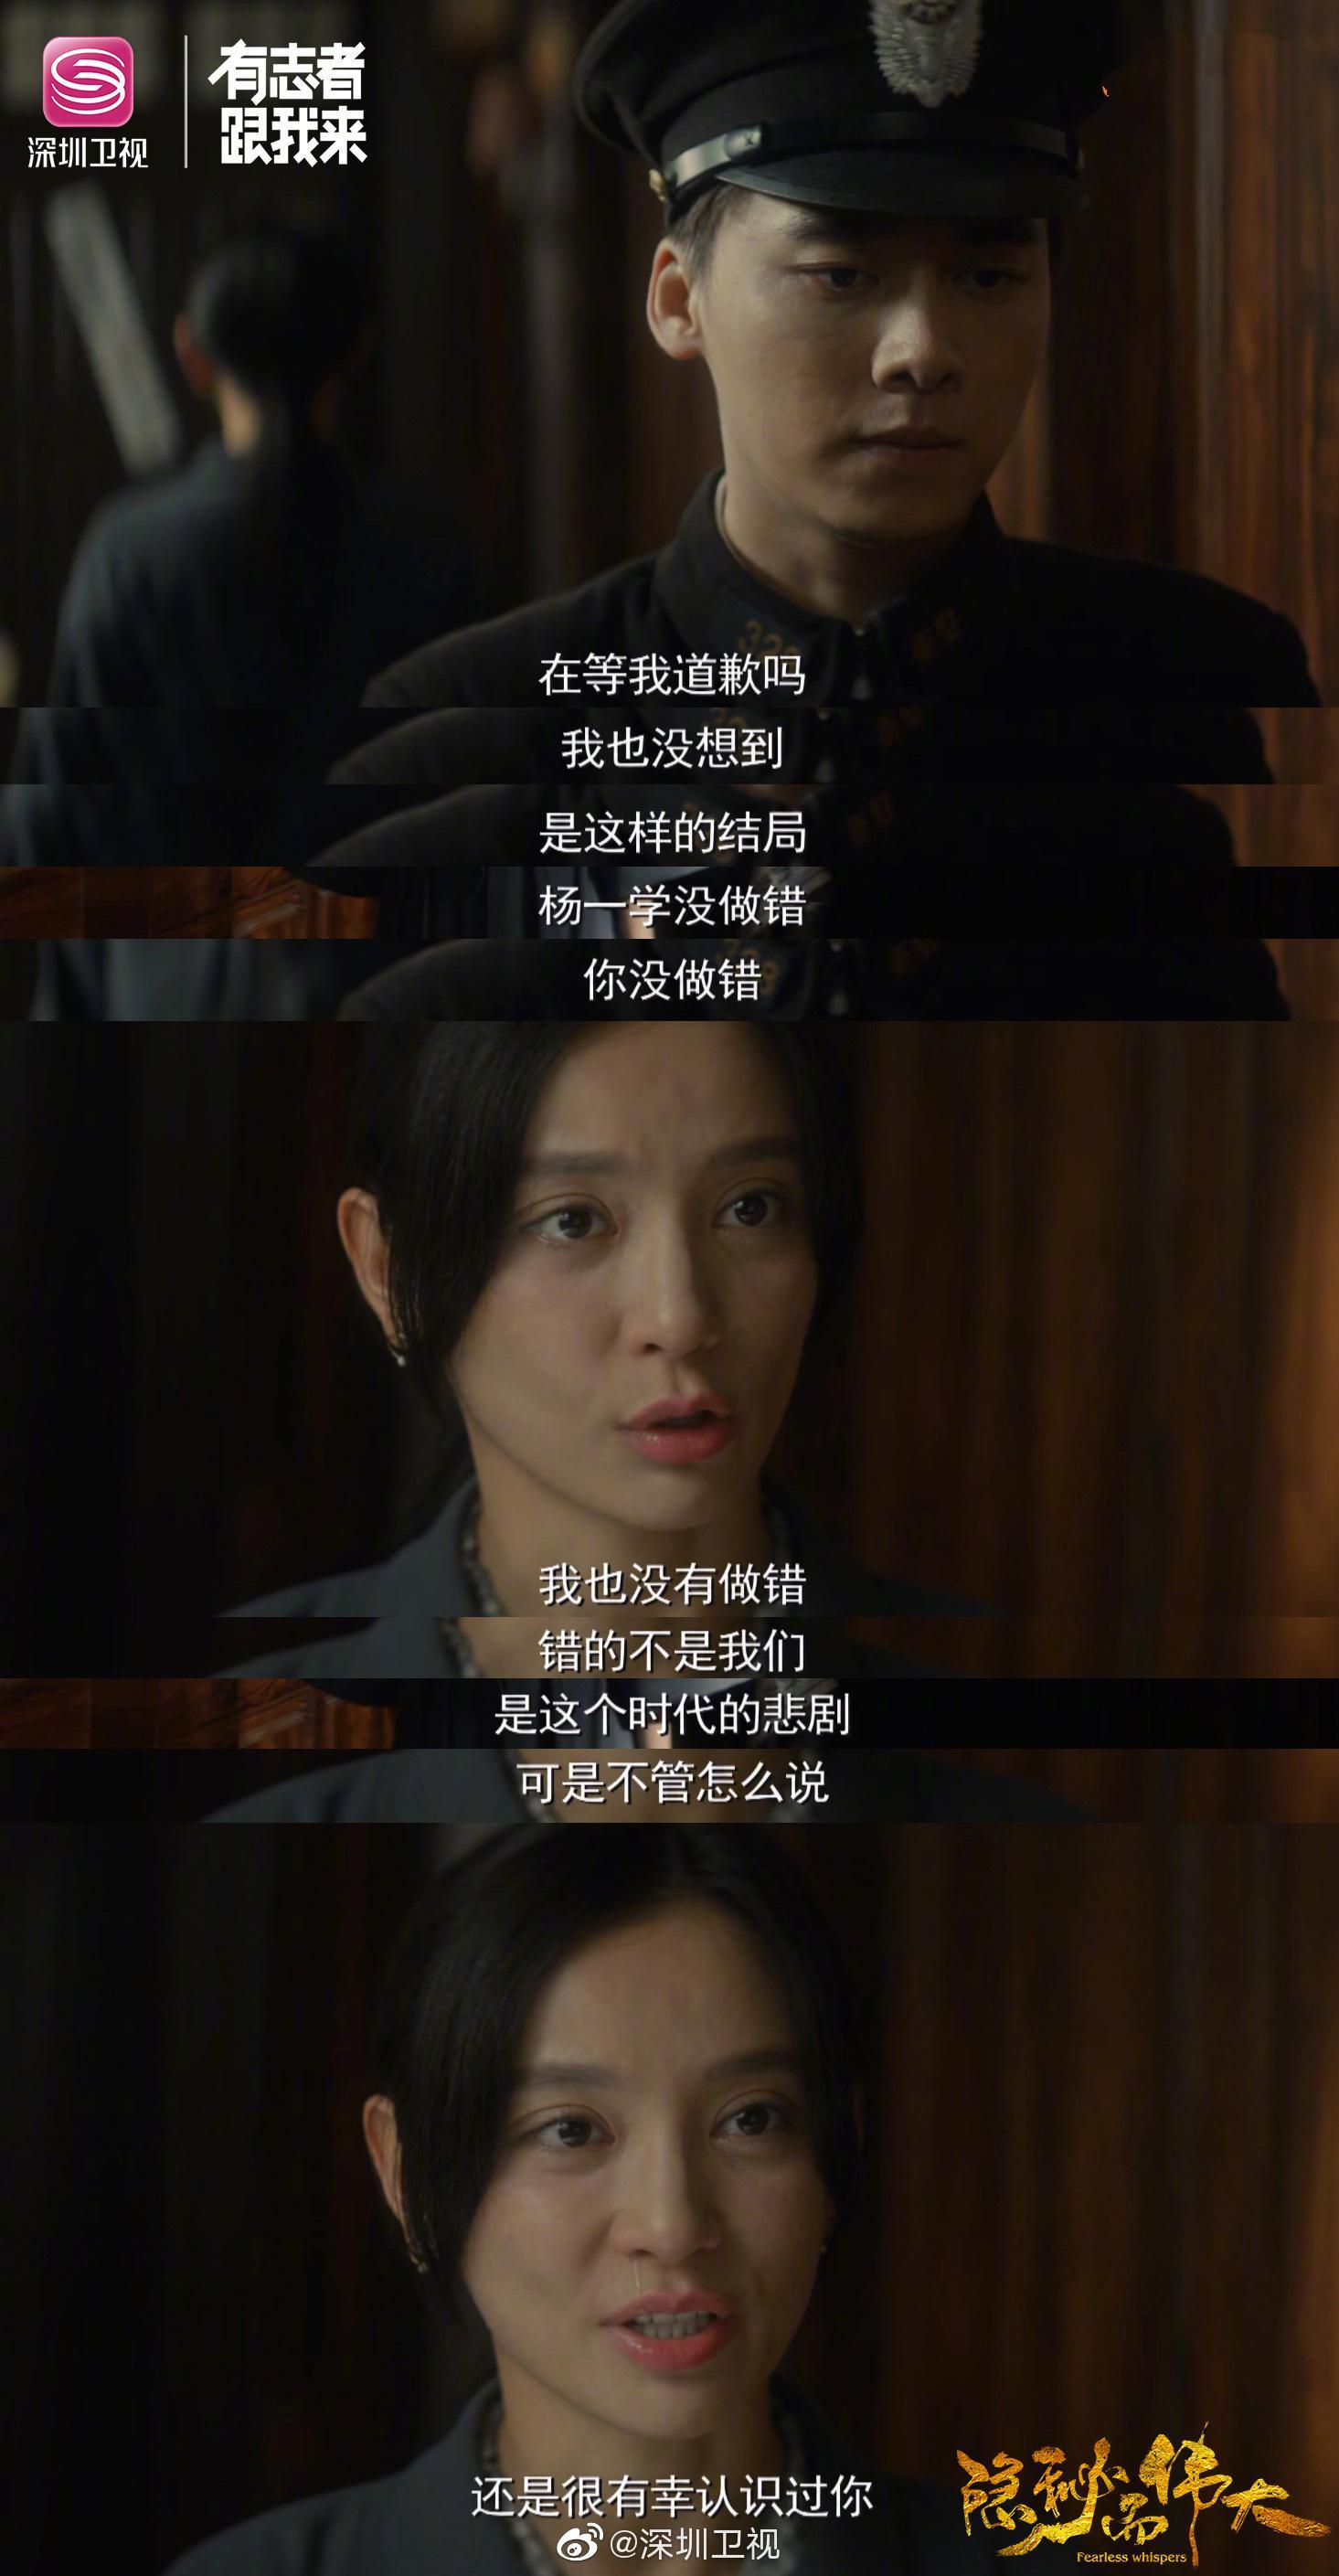 丁小姐@施诗Kira 和顾耀东@李易峰 终究走上了两条不同的路,这不是我们的错……